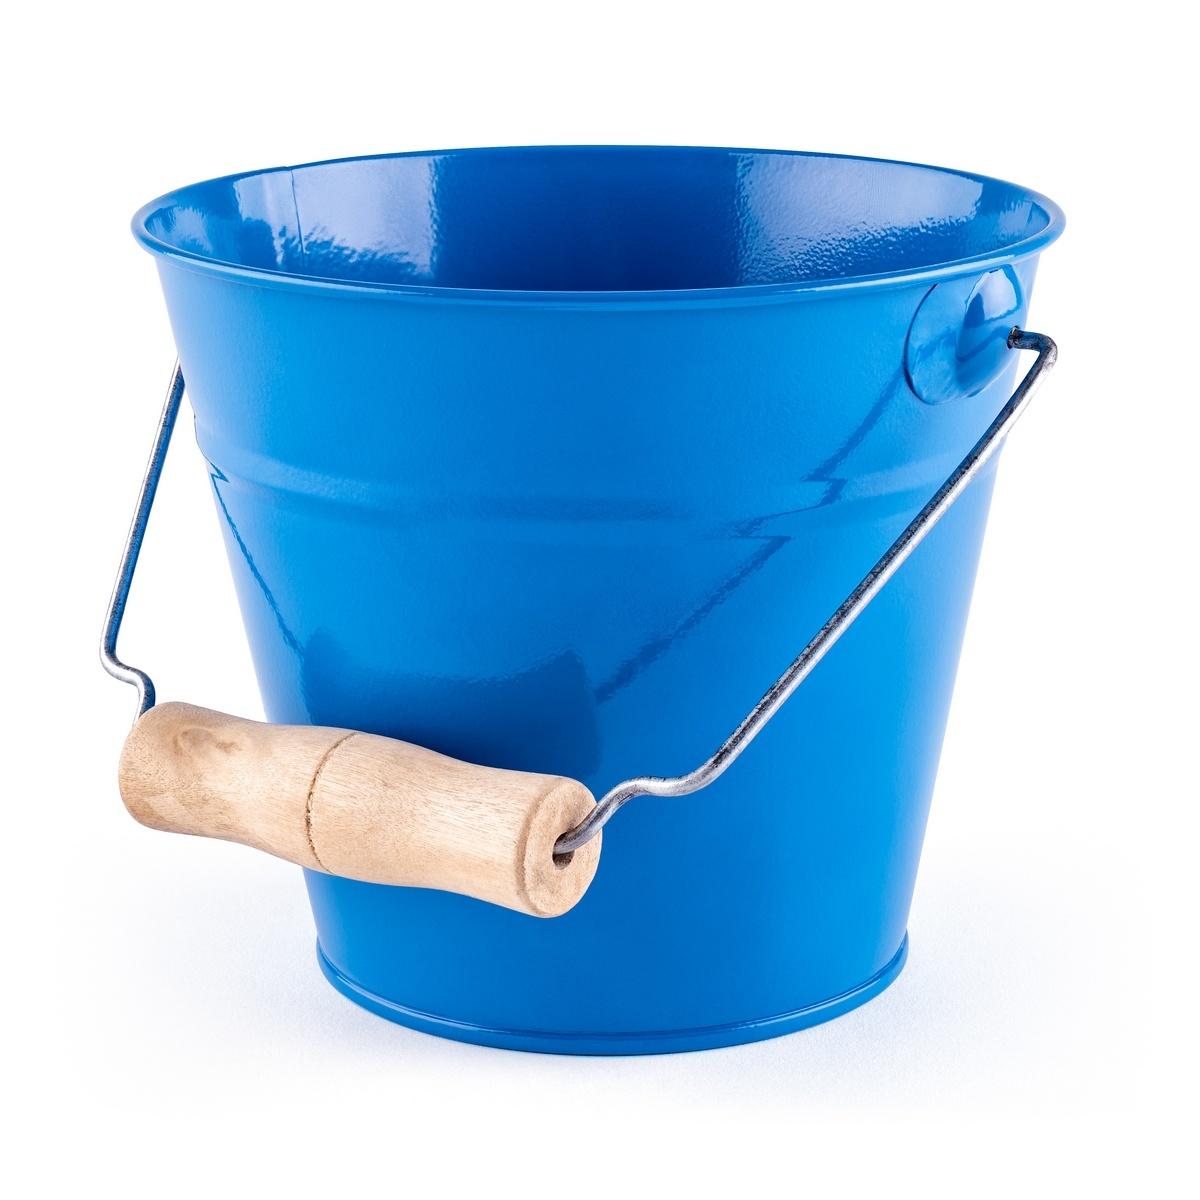 Woody Zahradní kyblík - modrý, kov